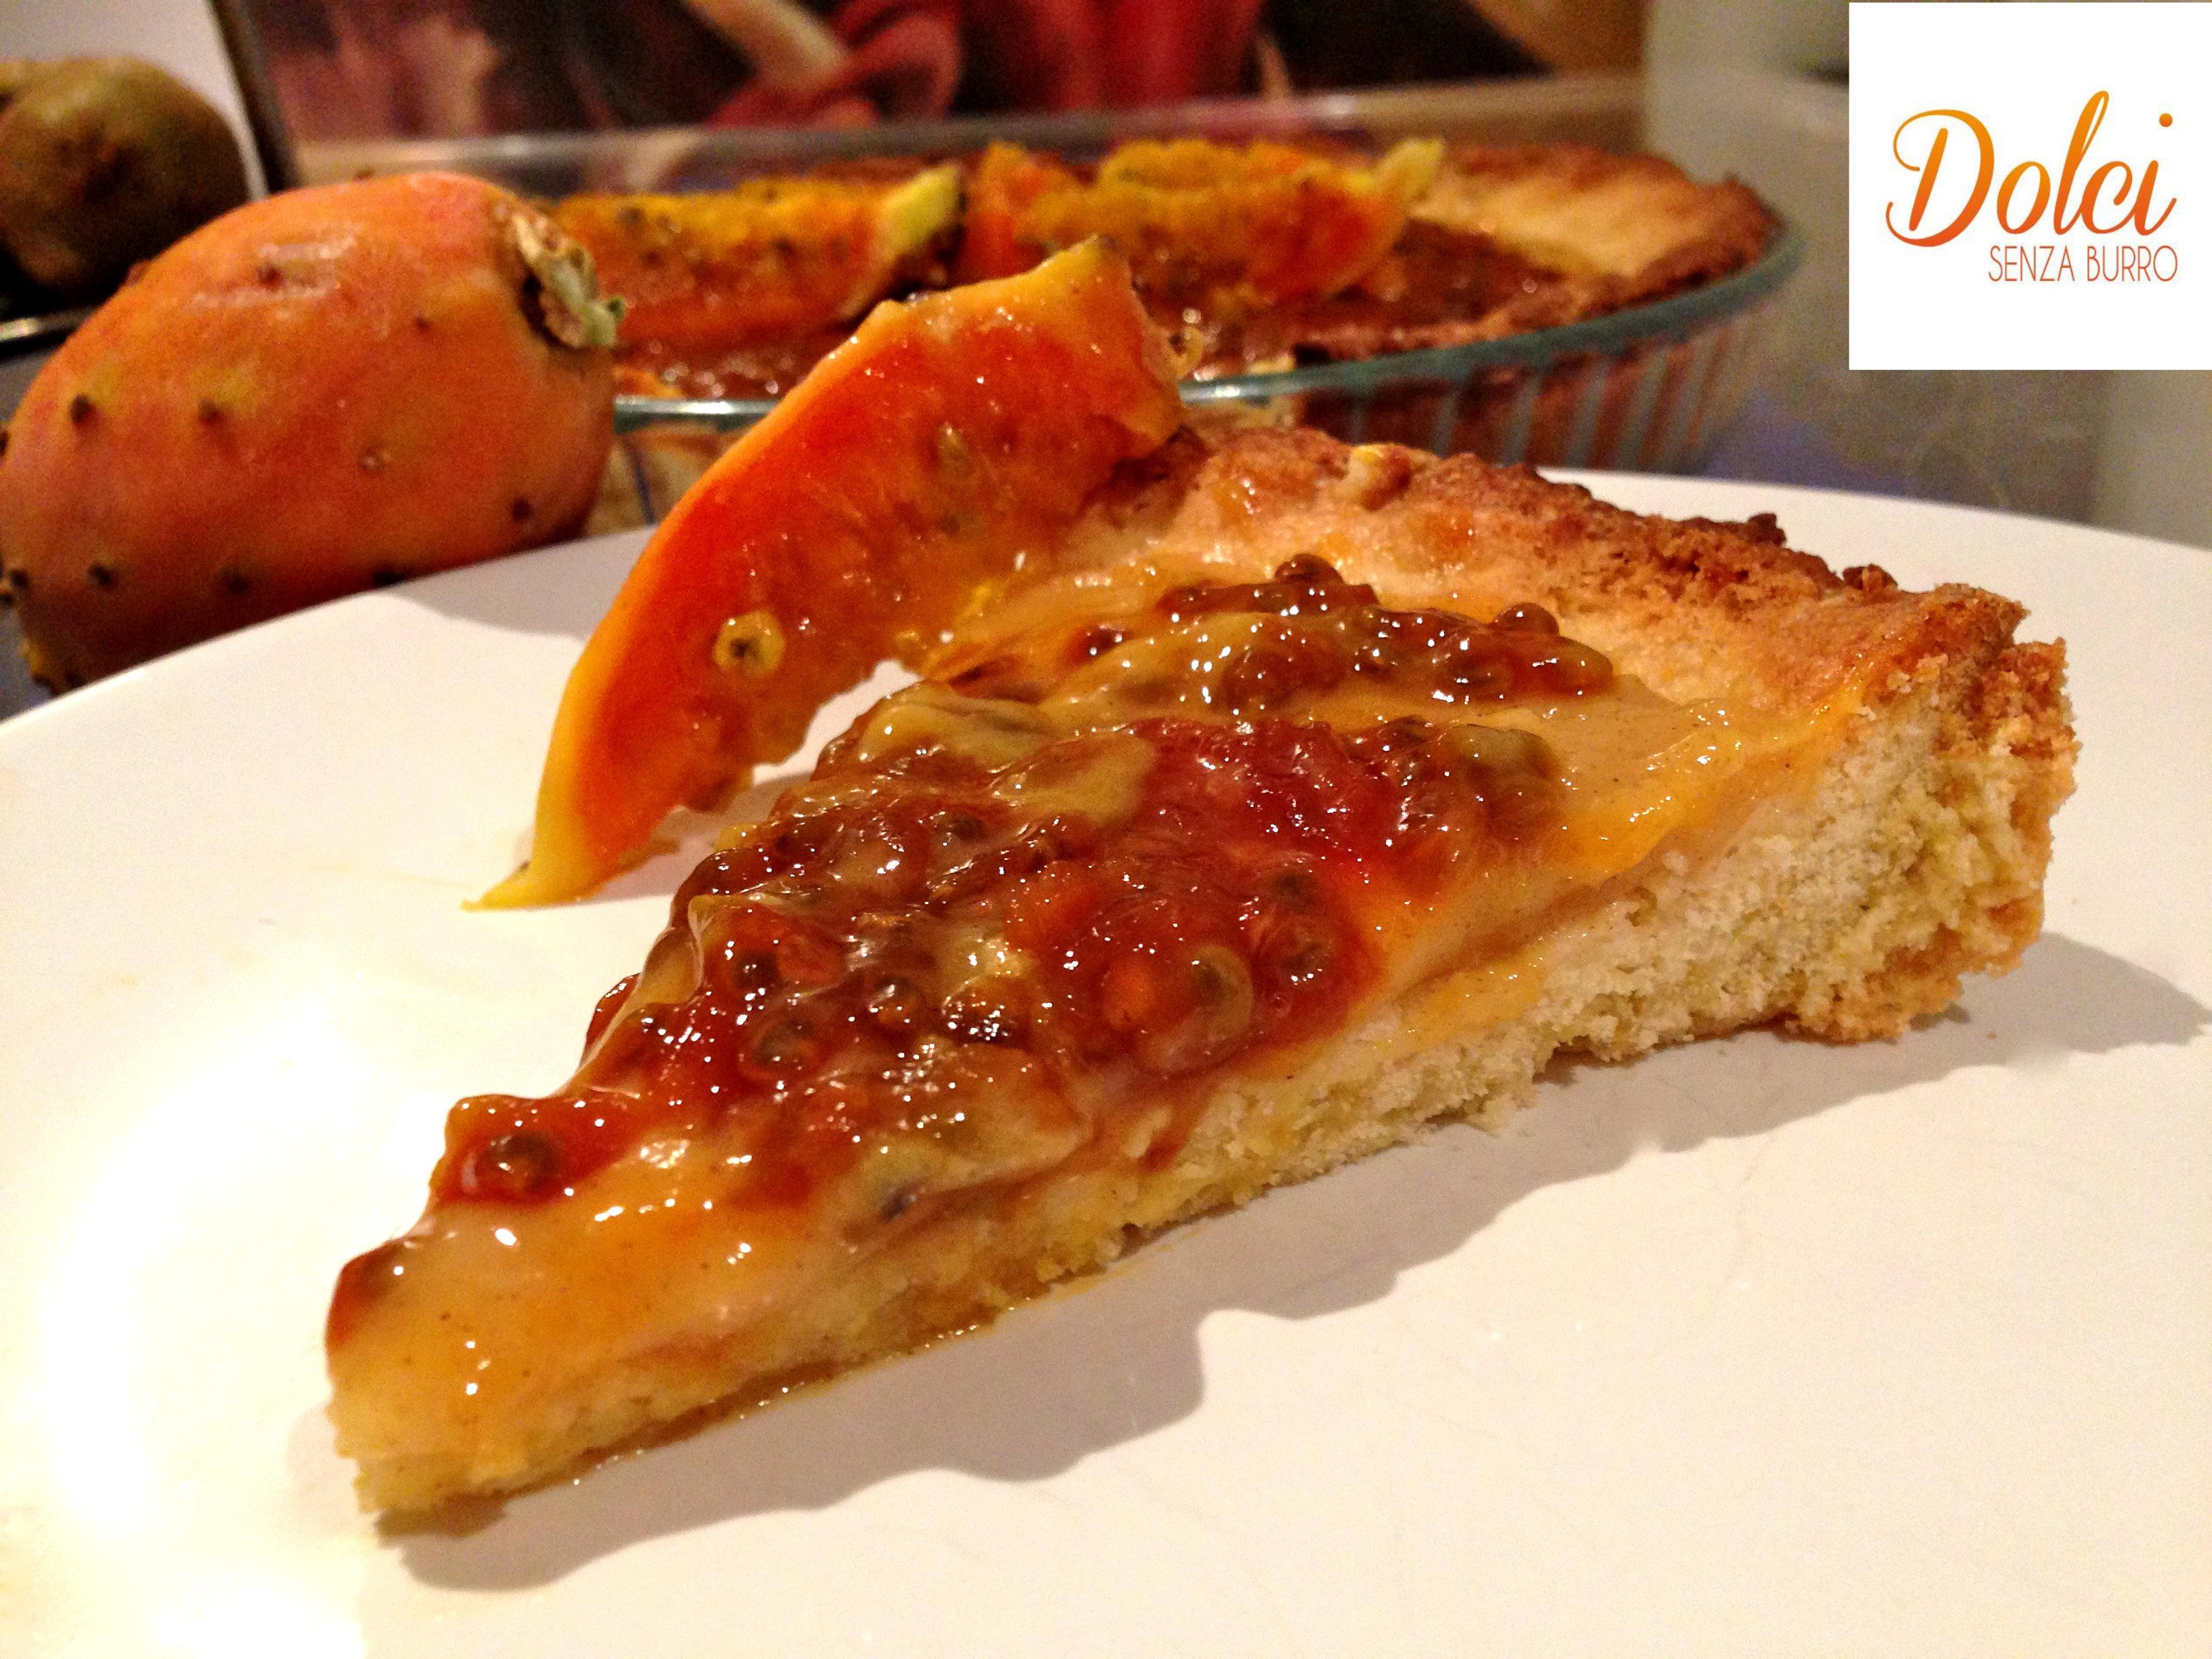 Crostata ai fichi senza burro dolci senza burro for Nuove ricette dolci